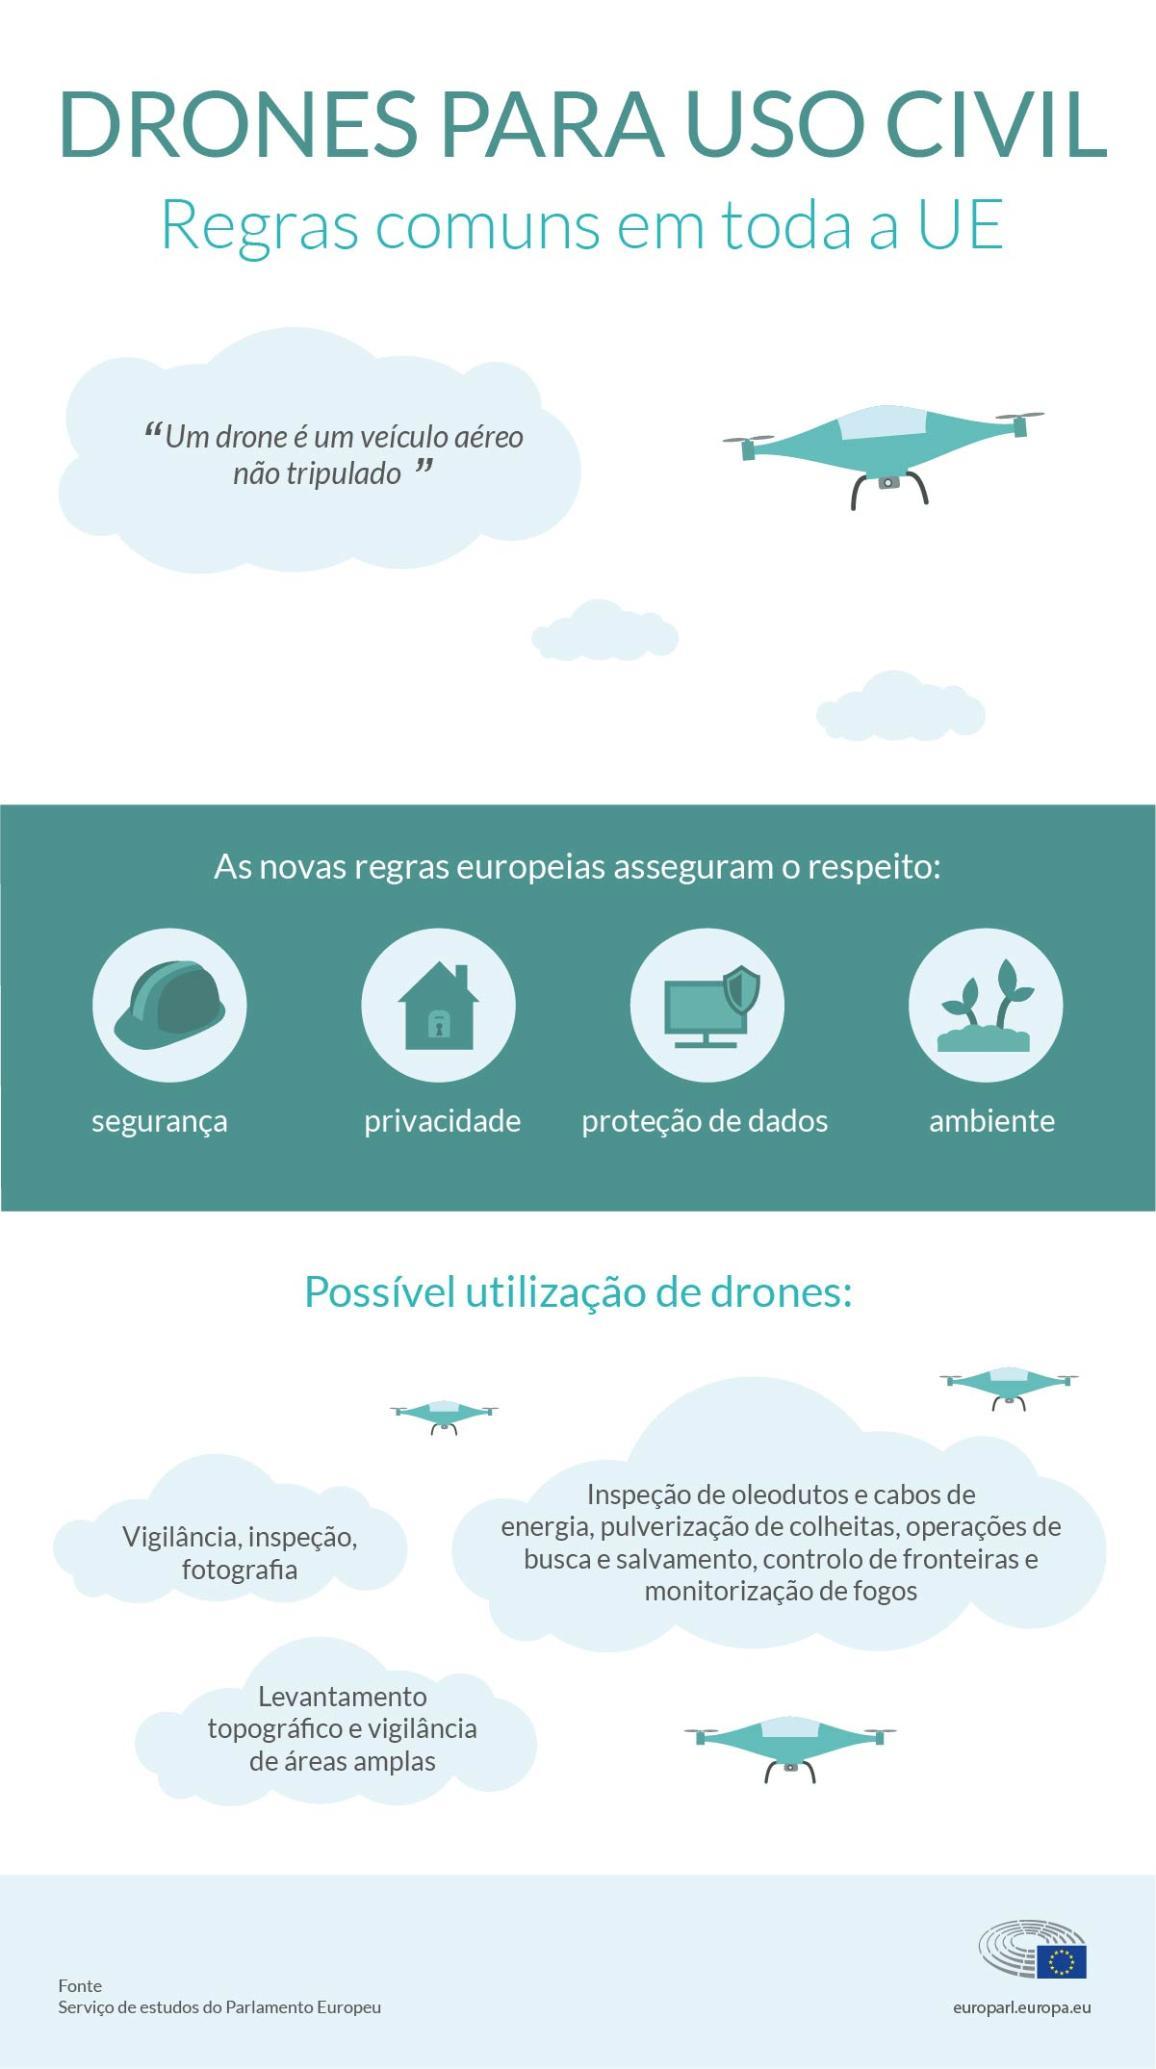 Infografia sobre as novas  regras para o uso civil de drones atualmente em discussão no Parlamento Europeu.